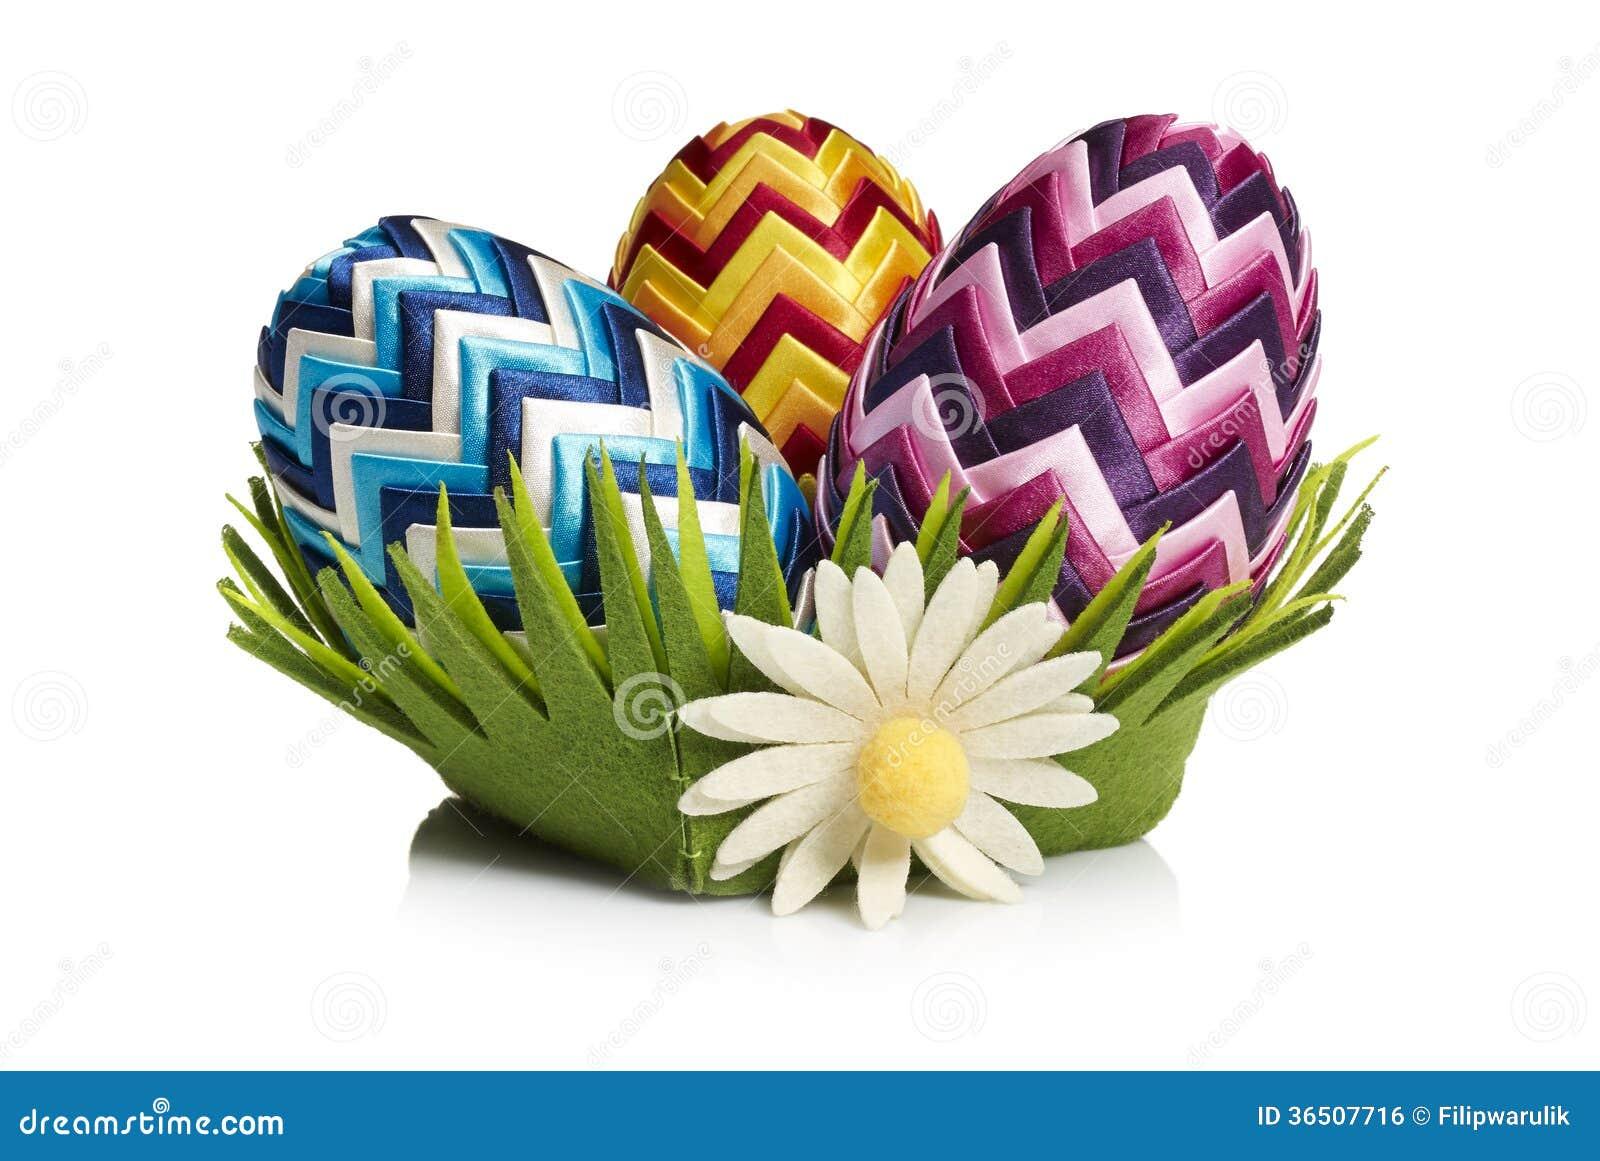 Composition en Pâques